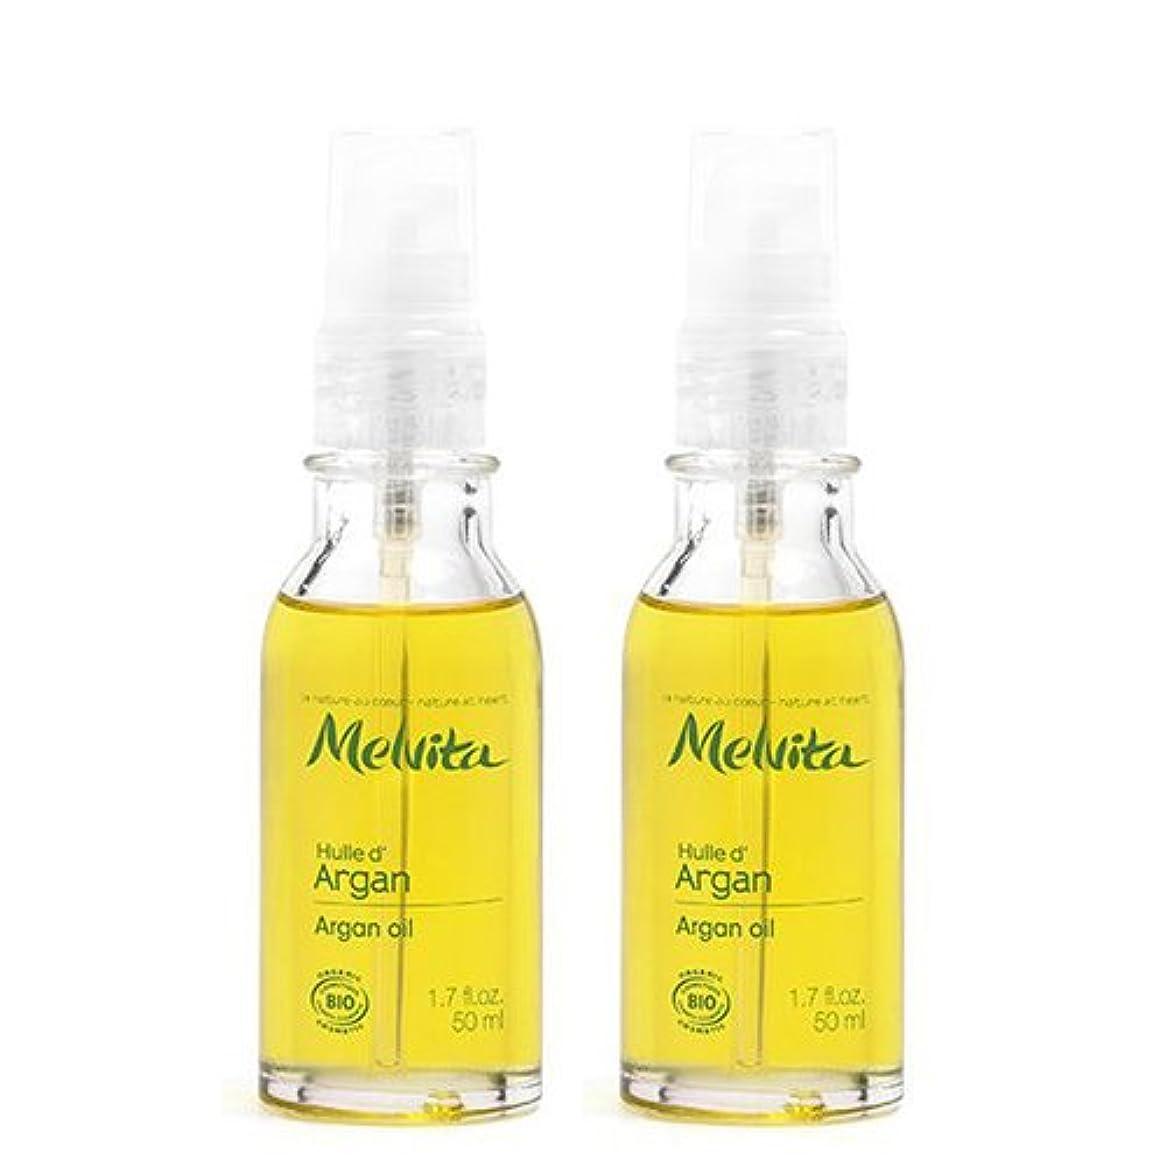 ぼかしテンポ乳製品メルヴィータ(Melvita) 2個セット ビオオイル アルガン オイル 50ml [並行輸入品]